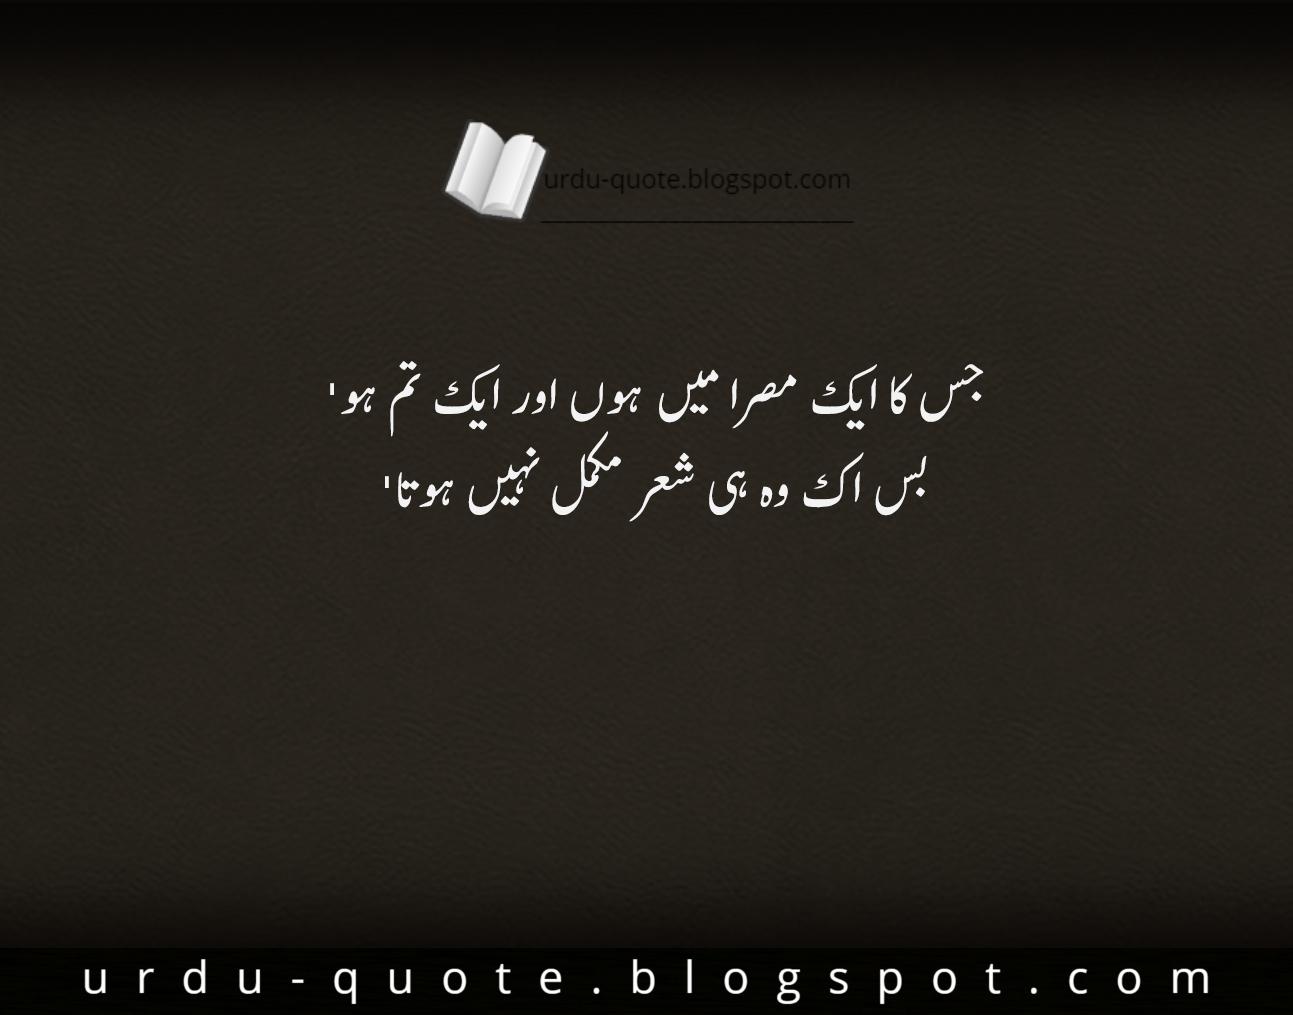 Urdu Quotes Best Urdu Quotes Famous Urdu Quotes Sad Urdu Quotes